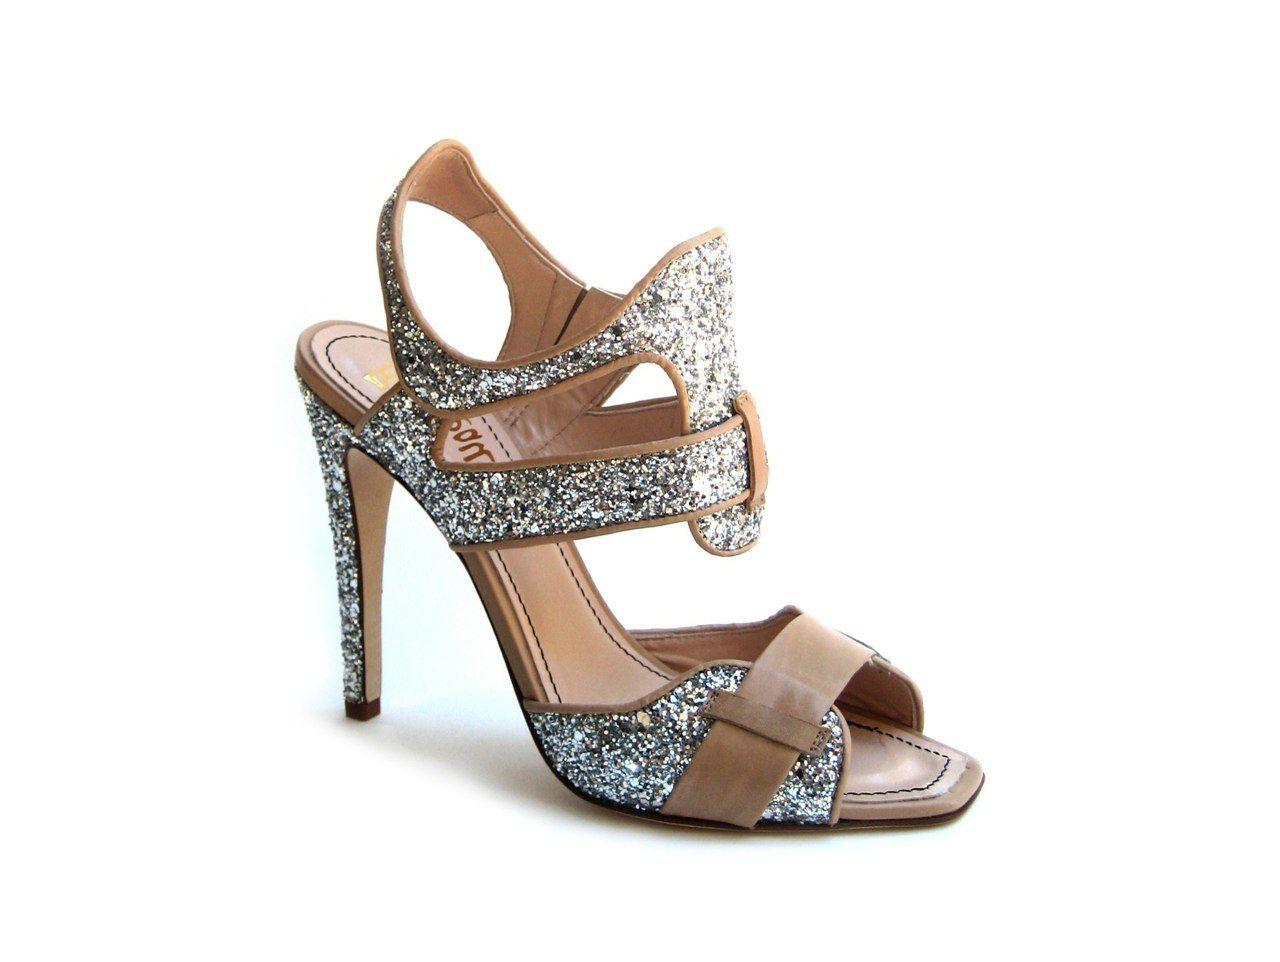 Jerome C. Rousseau Glitter Platform Sandals best sale for sale explore sale online cheap reliable the cheapest sale online buy cheap eastbay ok9LNVt9g